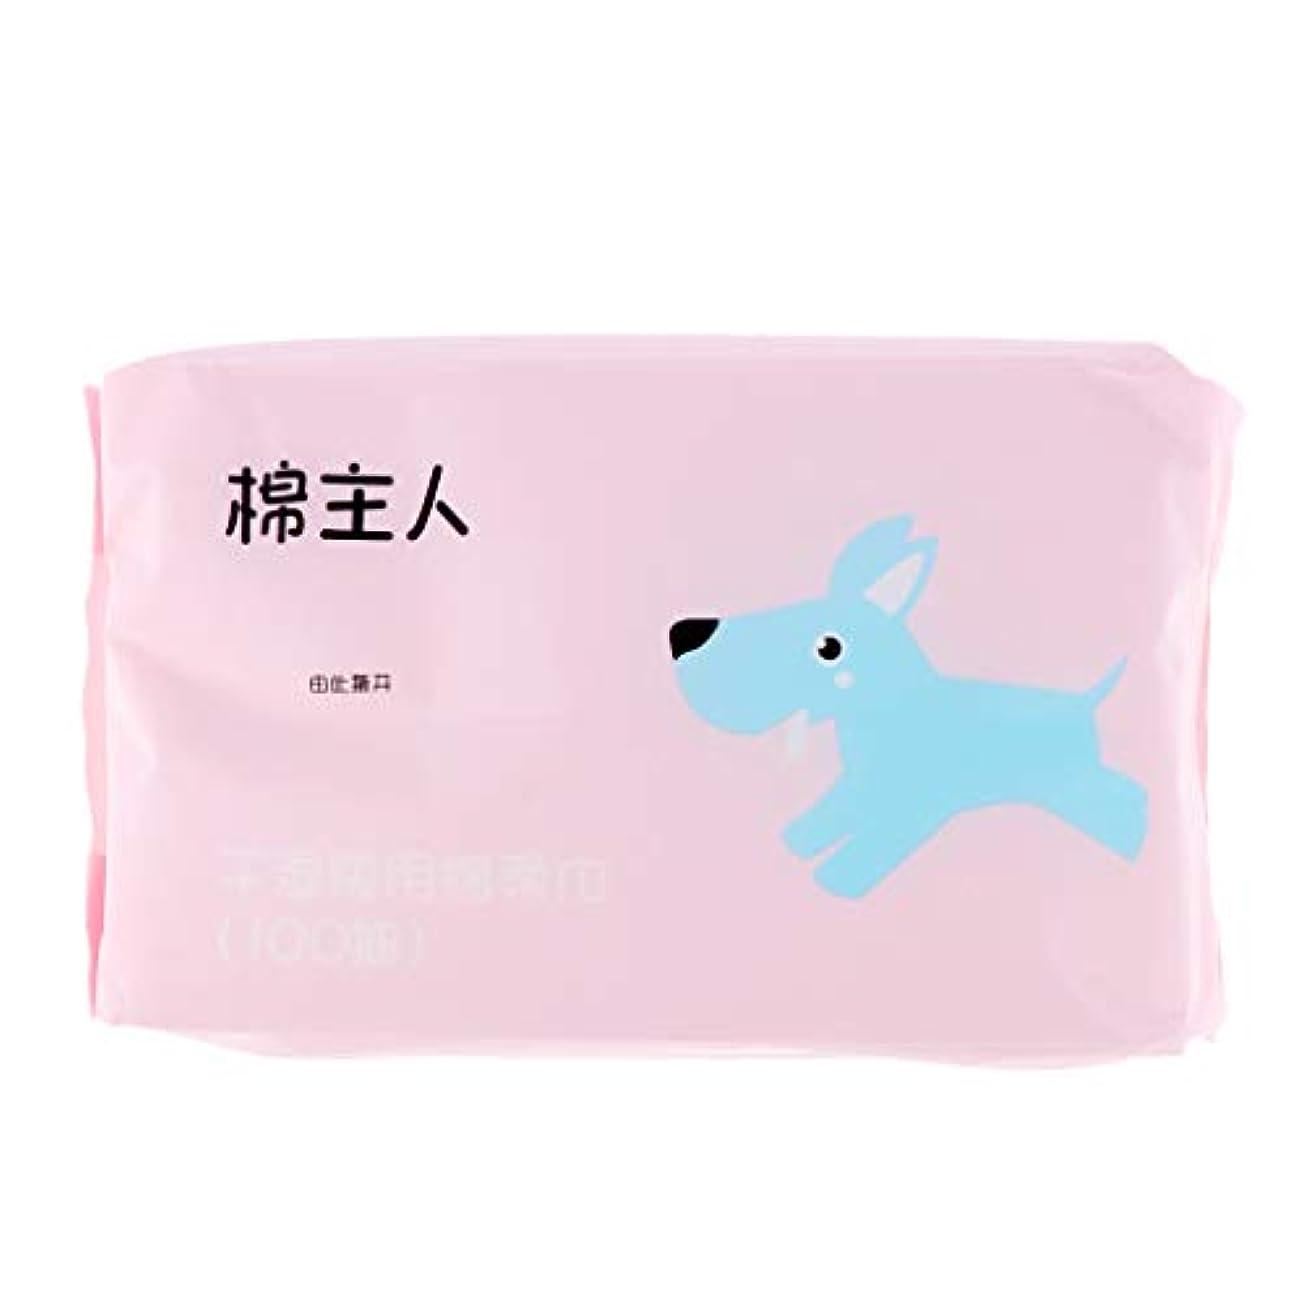 臭い援助奇跡的なB Blesiya 約100枚 使い捨て クレンジングシート メイク落とし 化粧品 ソフト 2色選べ  - ピンク